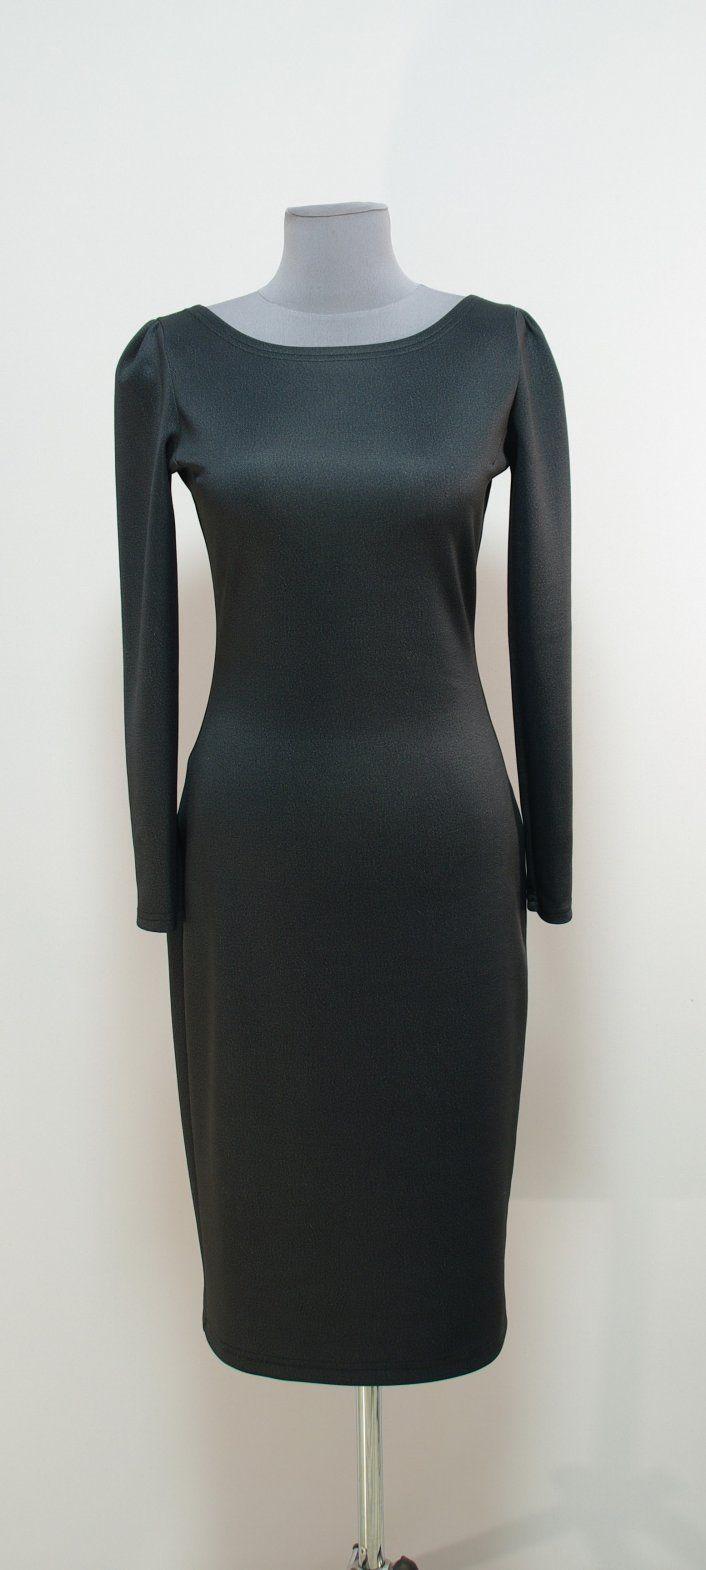 Темно-серое платье-карандаш | Платье-терапия от Юлии